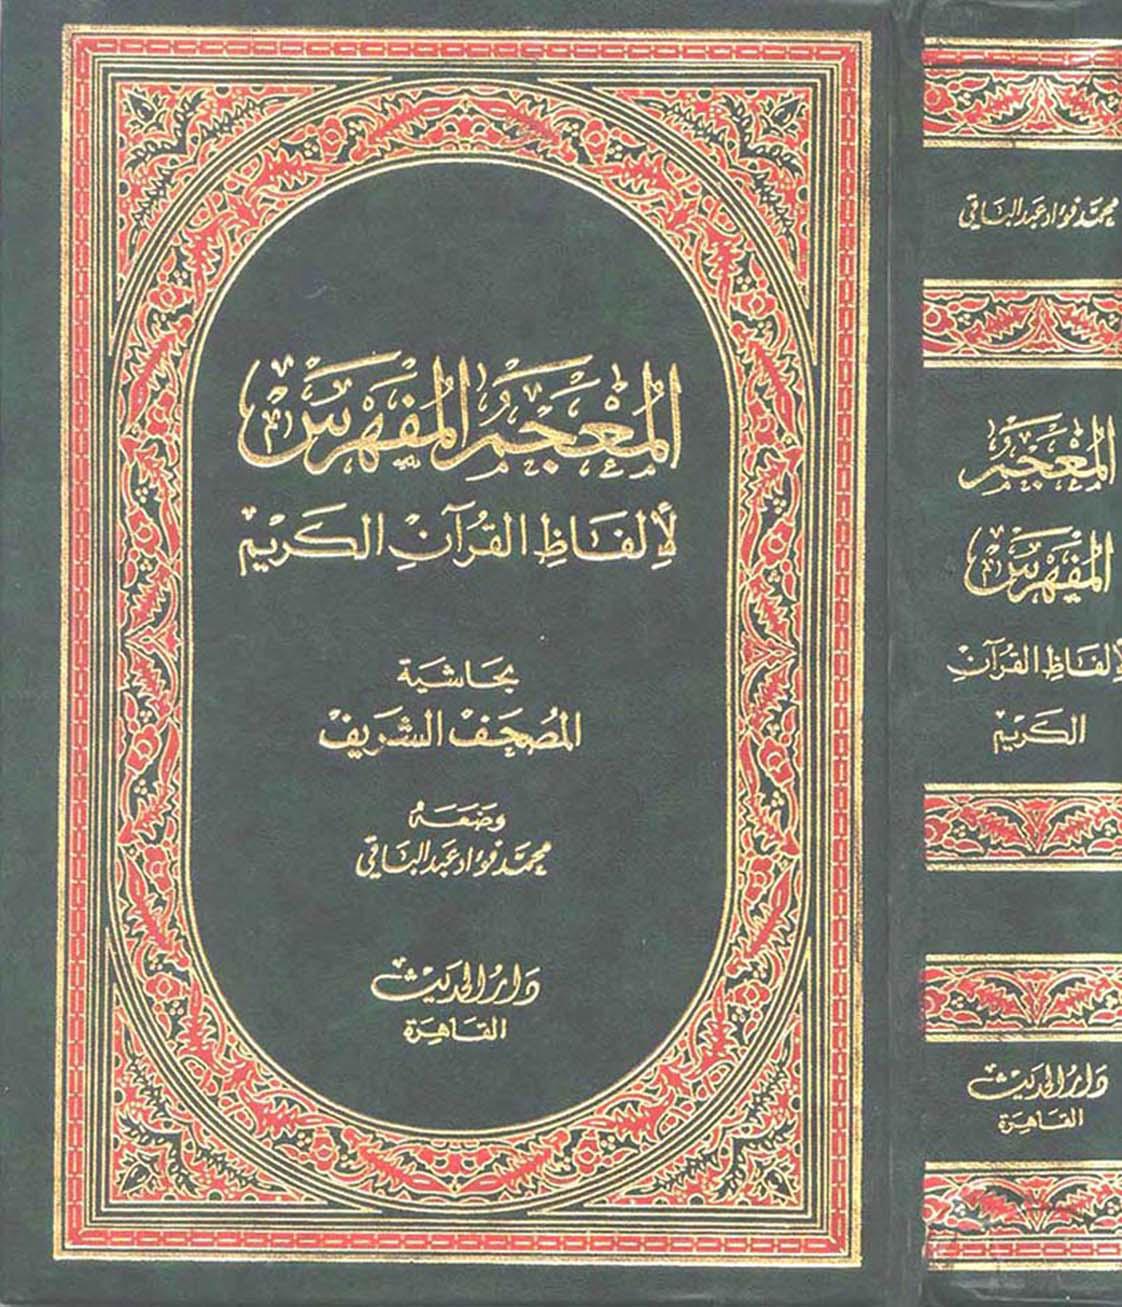 تحميل كتاب المعجم المفهرس لألفاظ القرآن الكريم لـِ: الأستاذ محمد فؤاد عبد الباقي صالح (ت 1388)